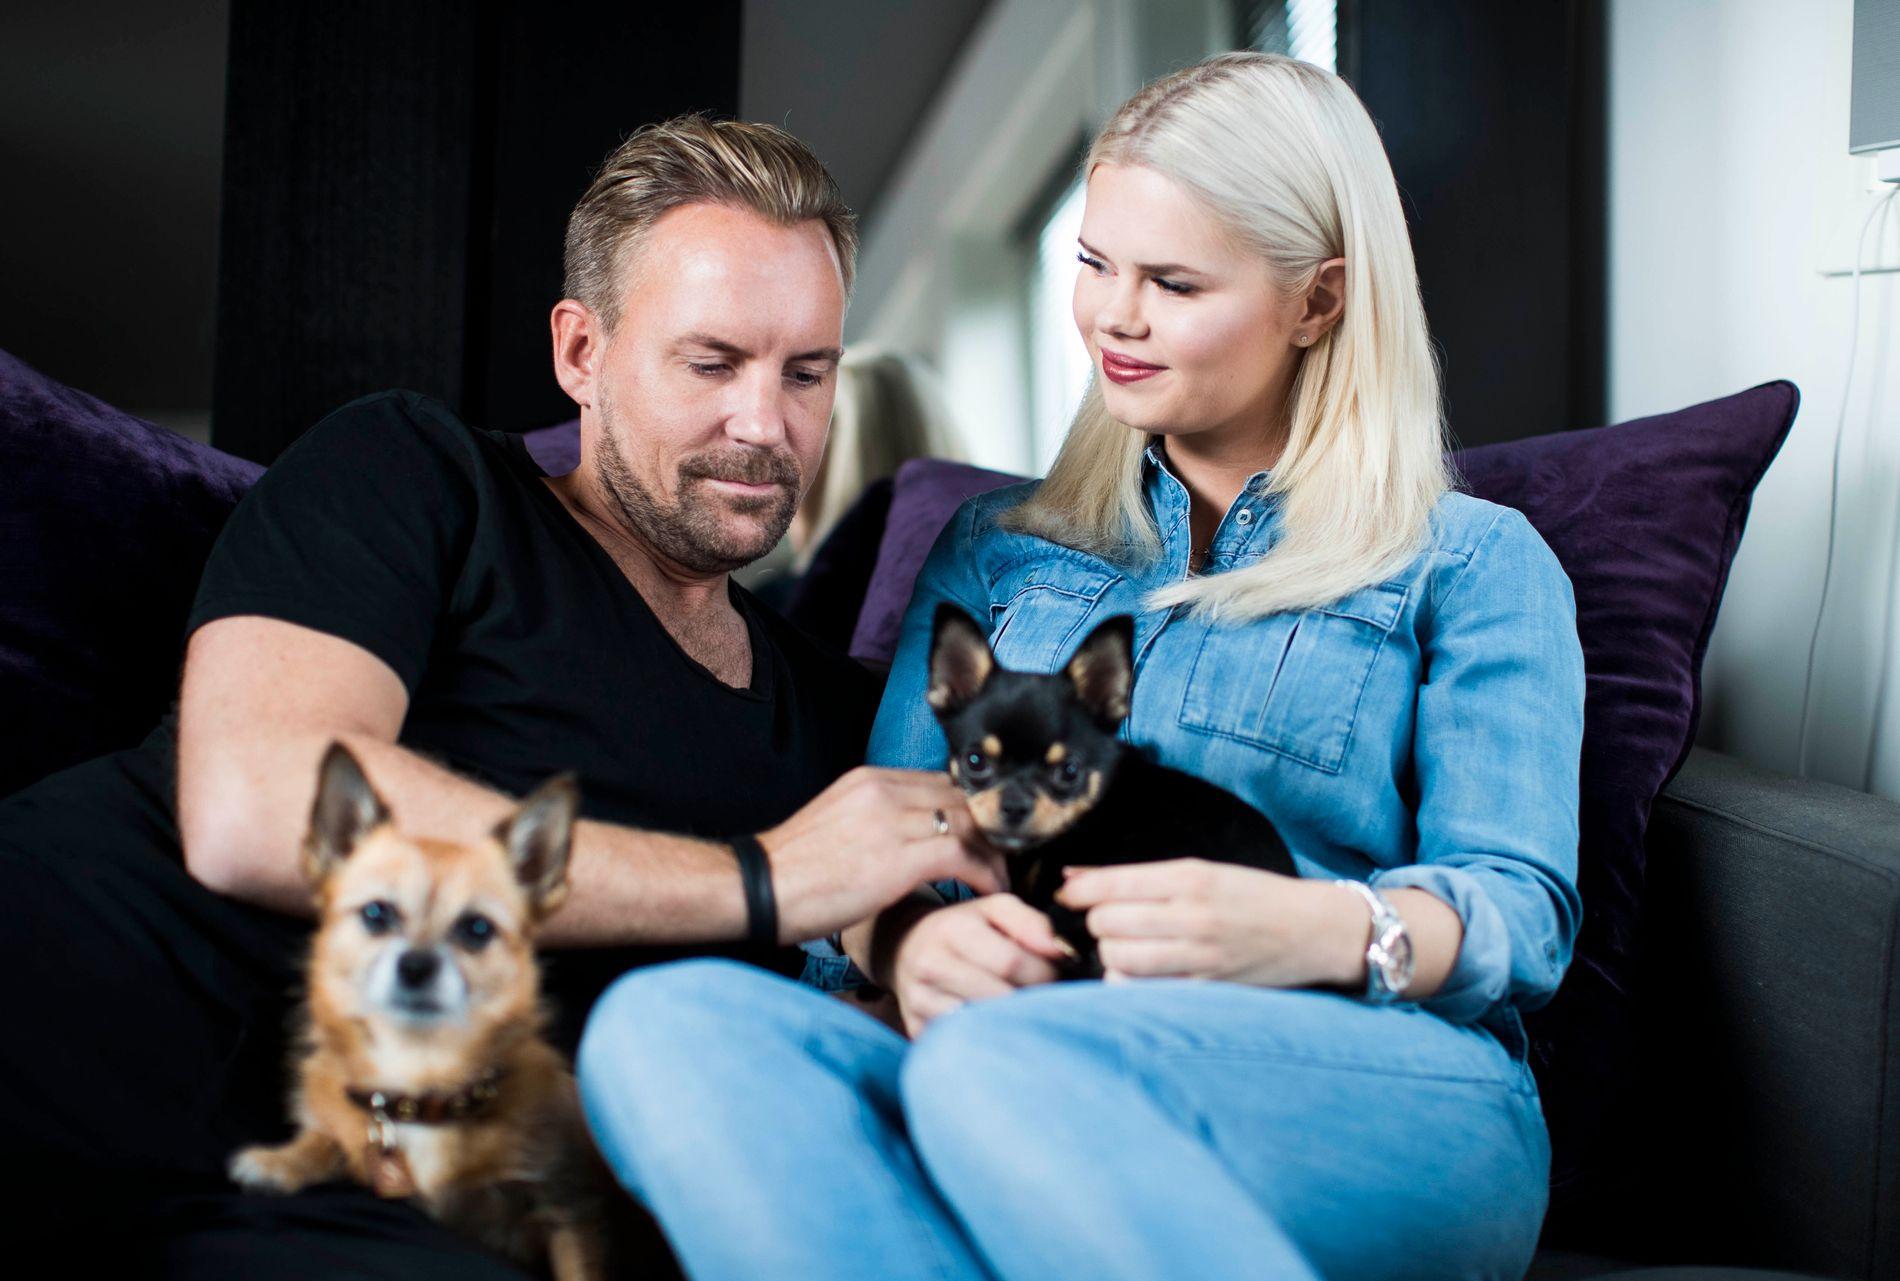 PÅ TV: Julianne Nygård (27) kjent som bloggeren «Pilotfrue» sammen med mannen Ulrik Nygård (37). Foto: FREDRIK SOLSTAD, VG